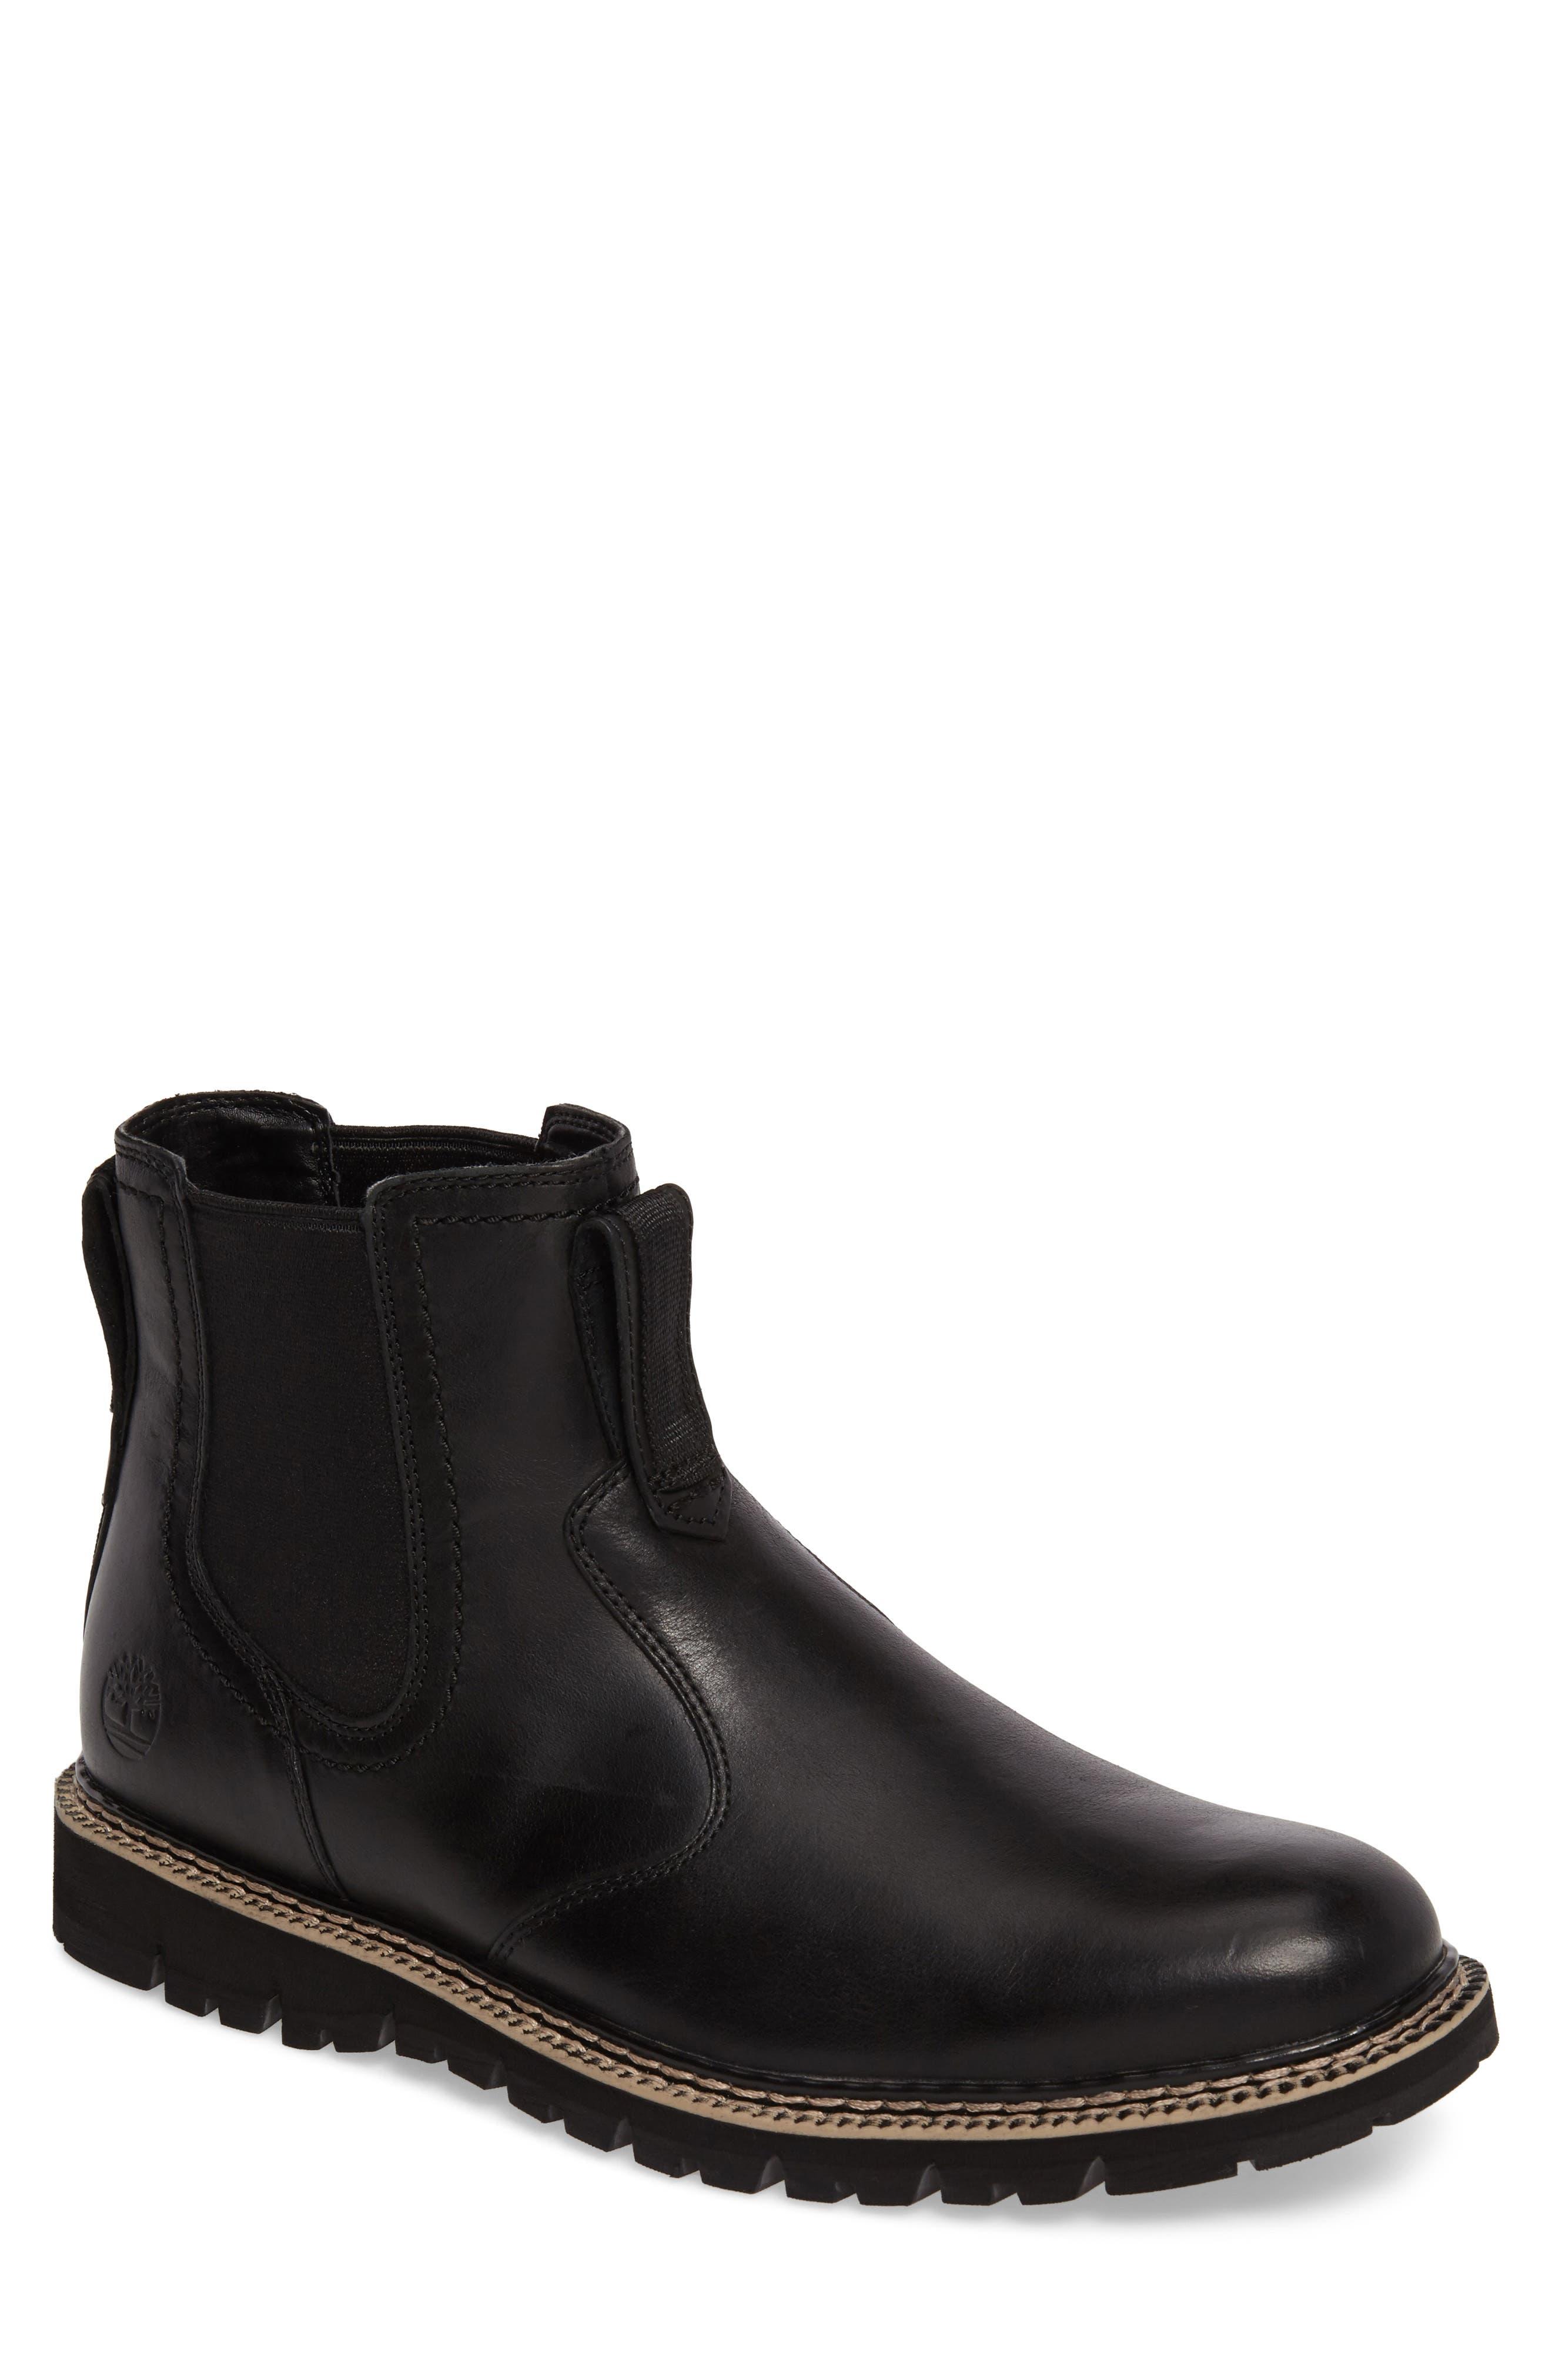 Britton Hill Chelsea Boot, Main, color, 001